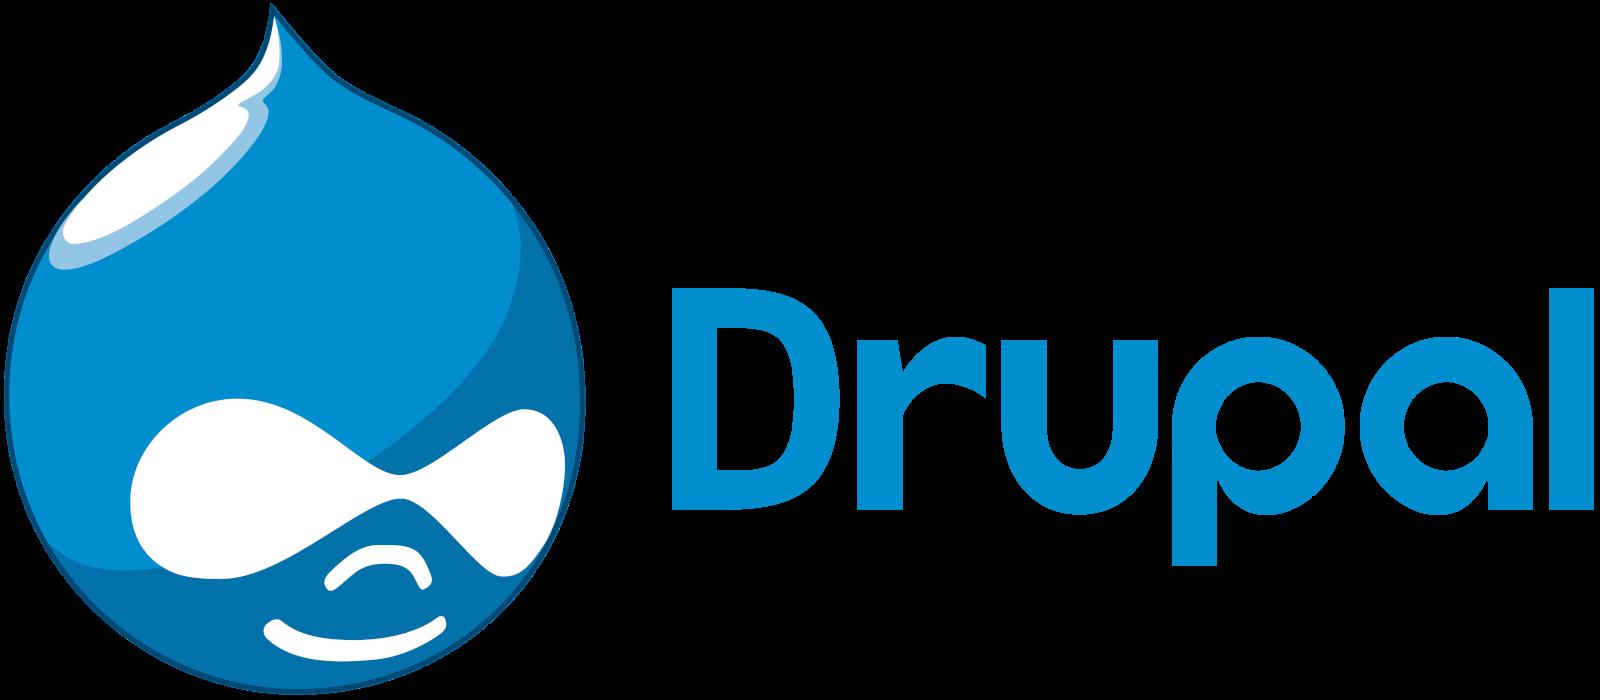 Banner image for SCS Drupal Account